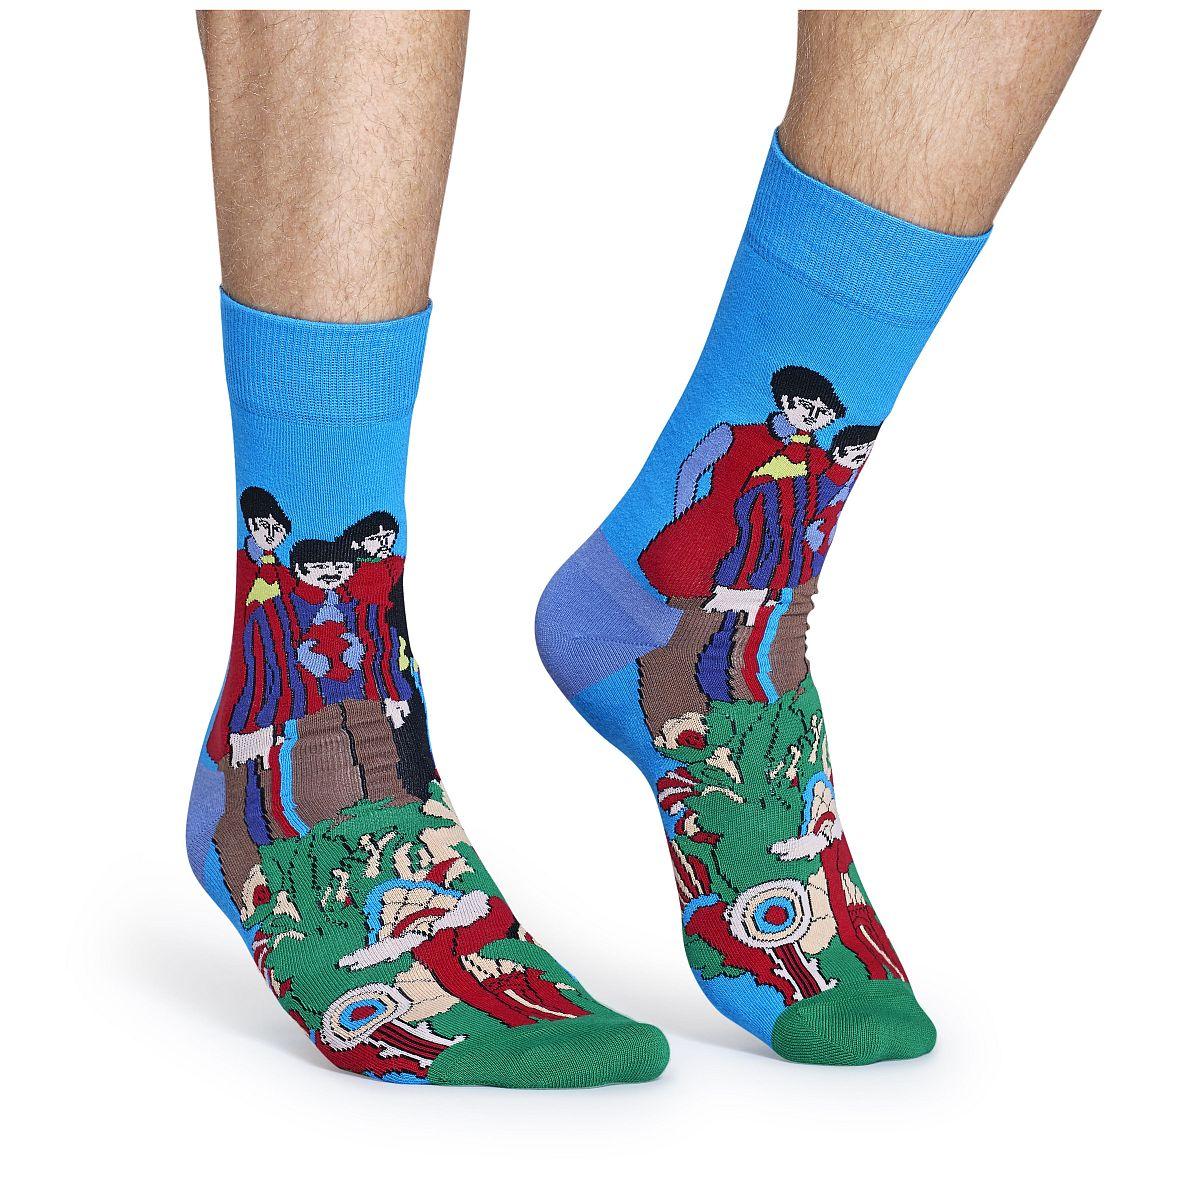 Beatles Pepperland Socks